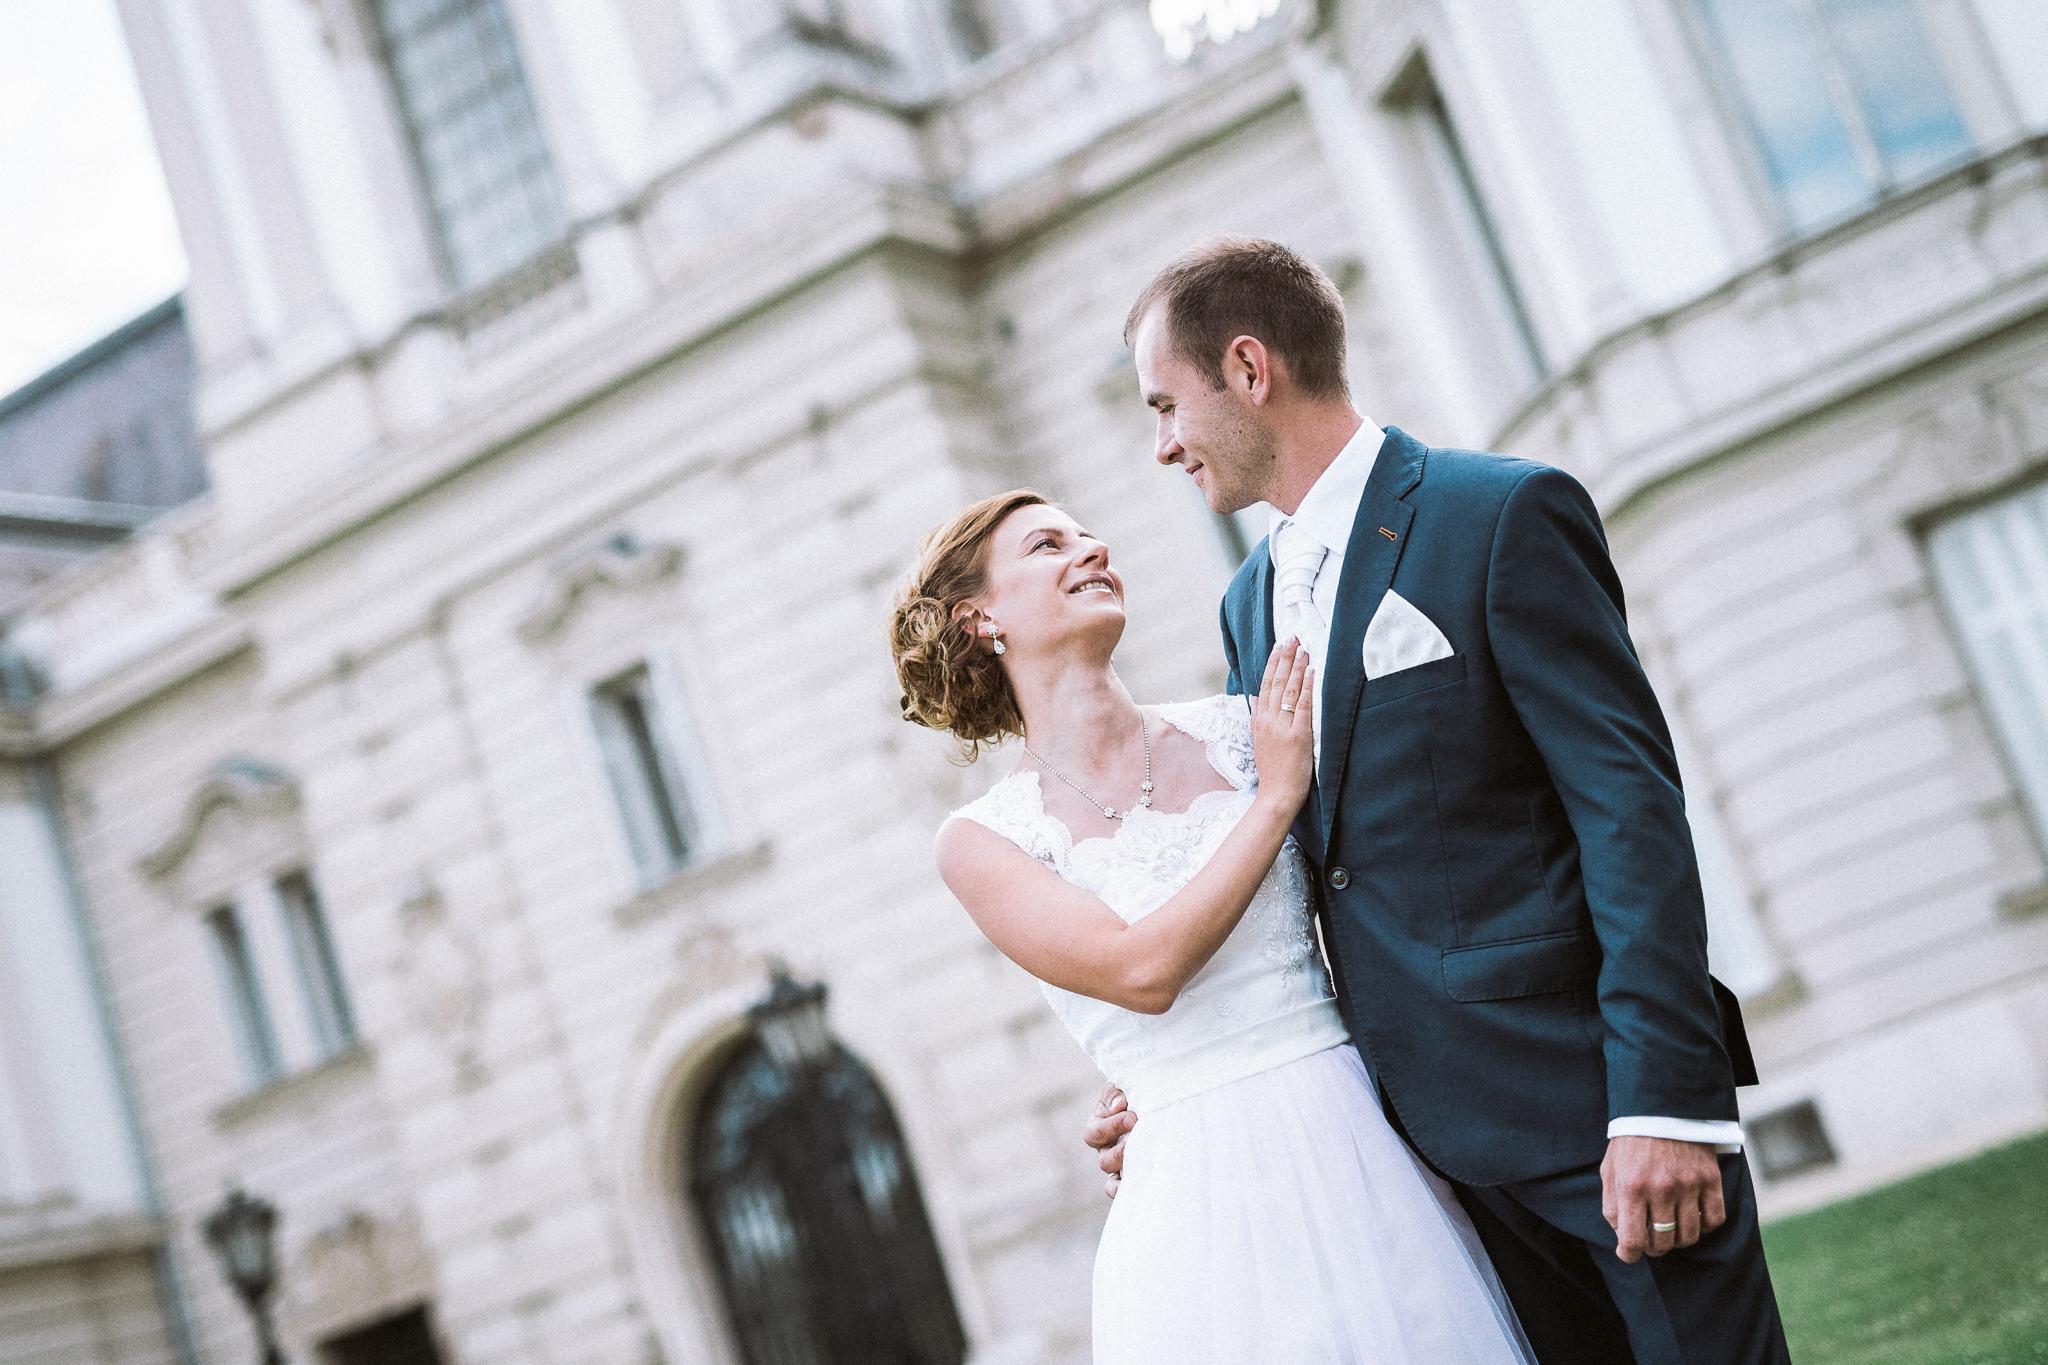 FylepPhoto, esküvőfotós, esküvői fotós Körmend, Szombathely, esküvőfotózás, magyarország, vas megye, prémium, jegyesfotózás, Fülöp Péter, körmend, kreatív, fotográfus_01-2.jpg